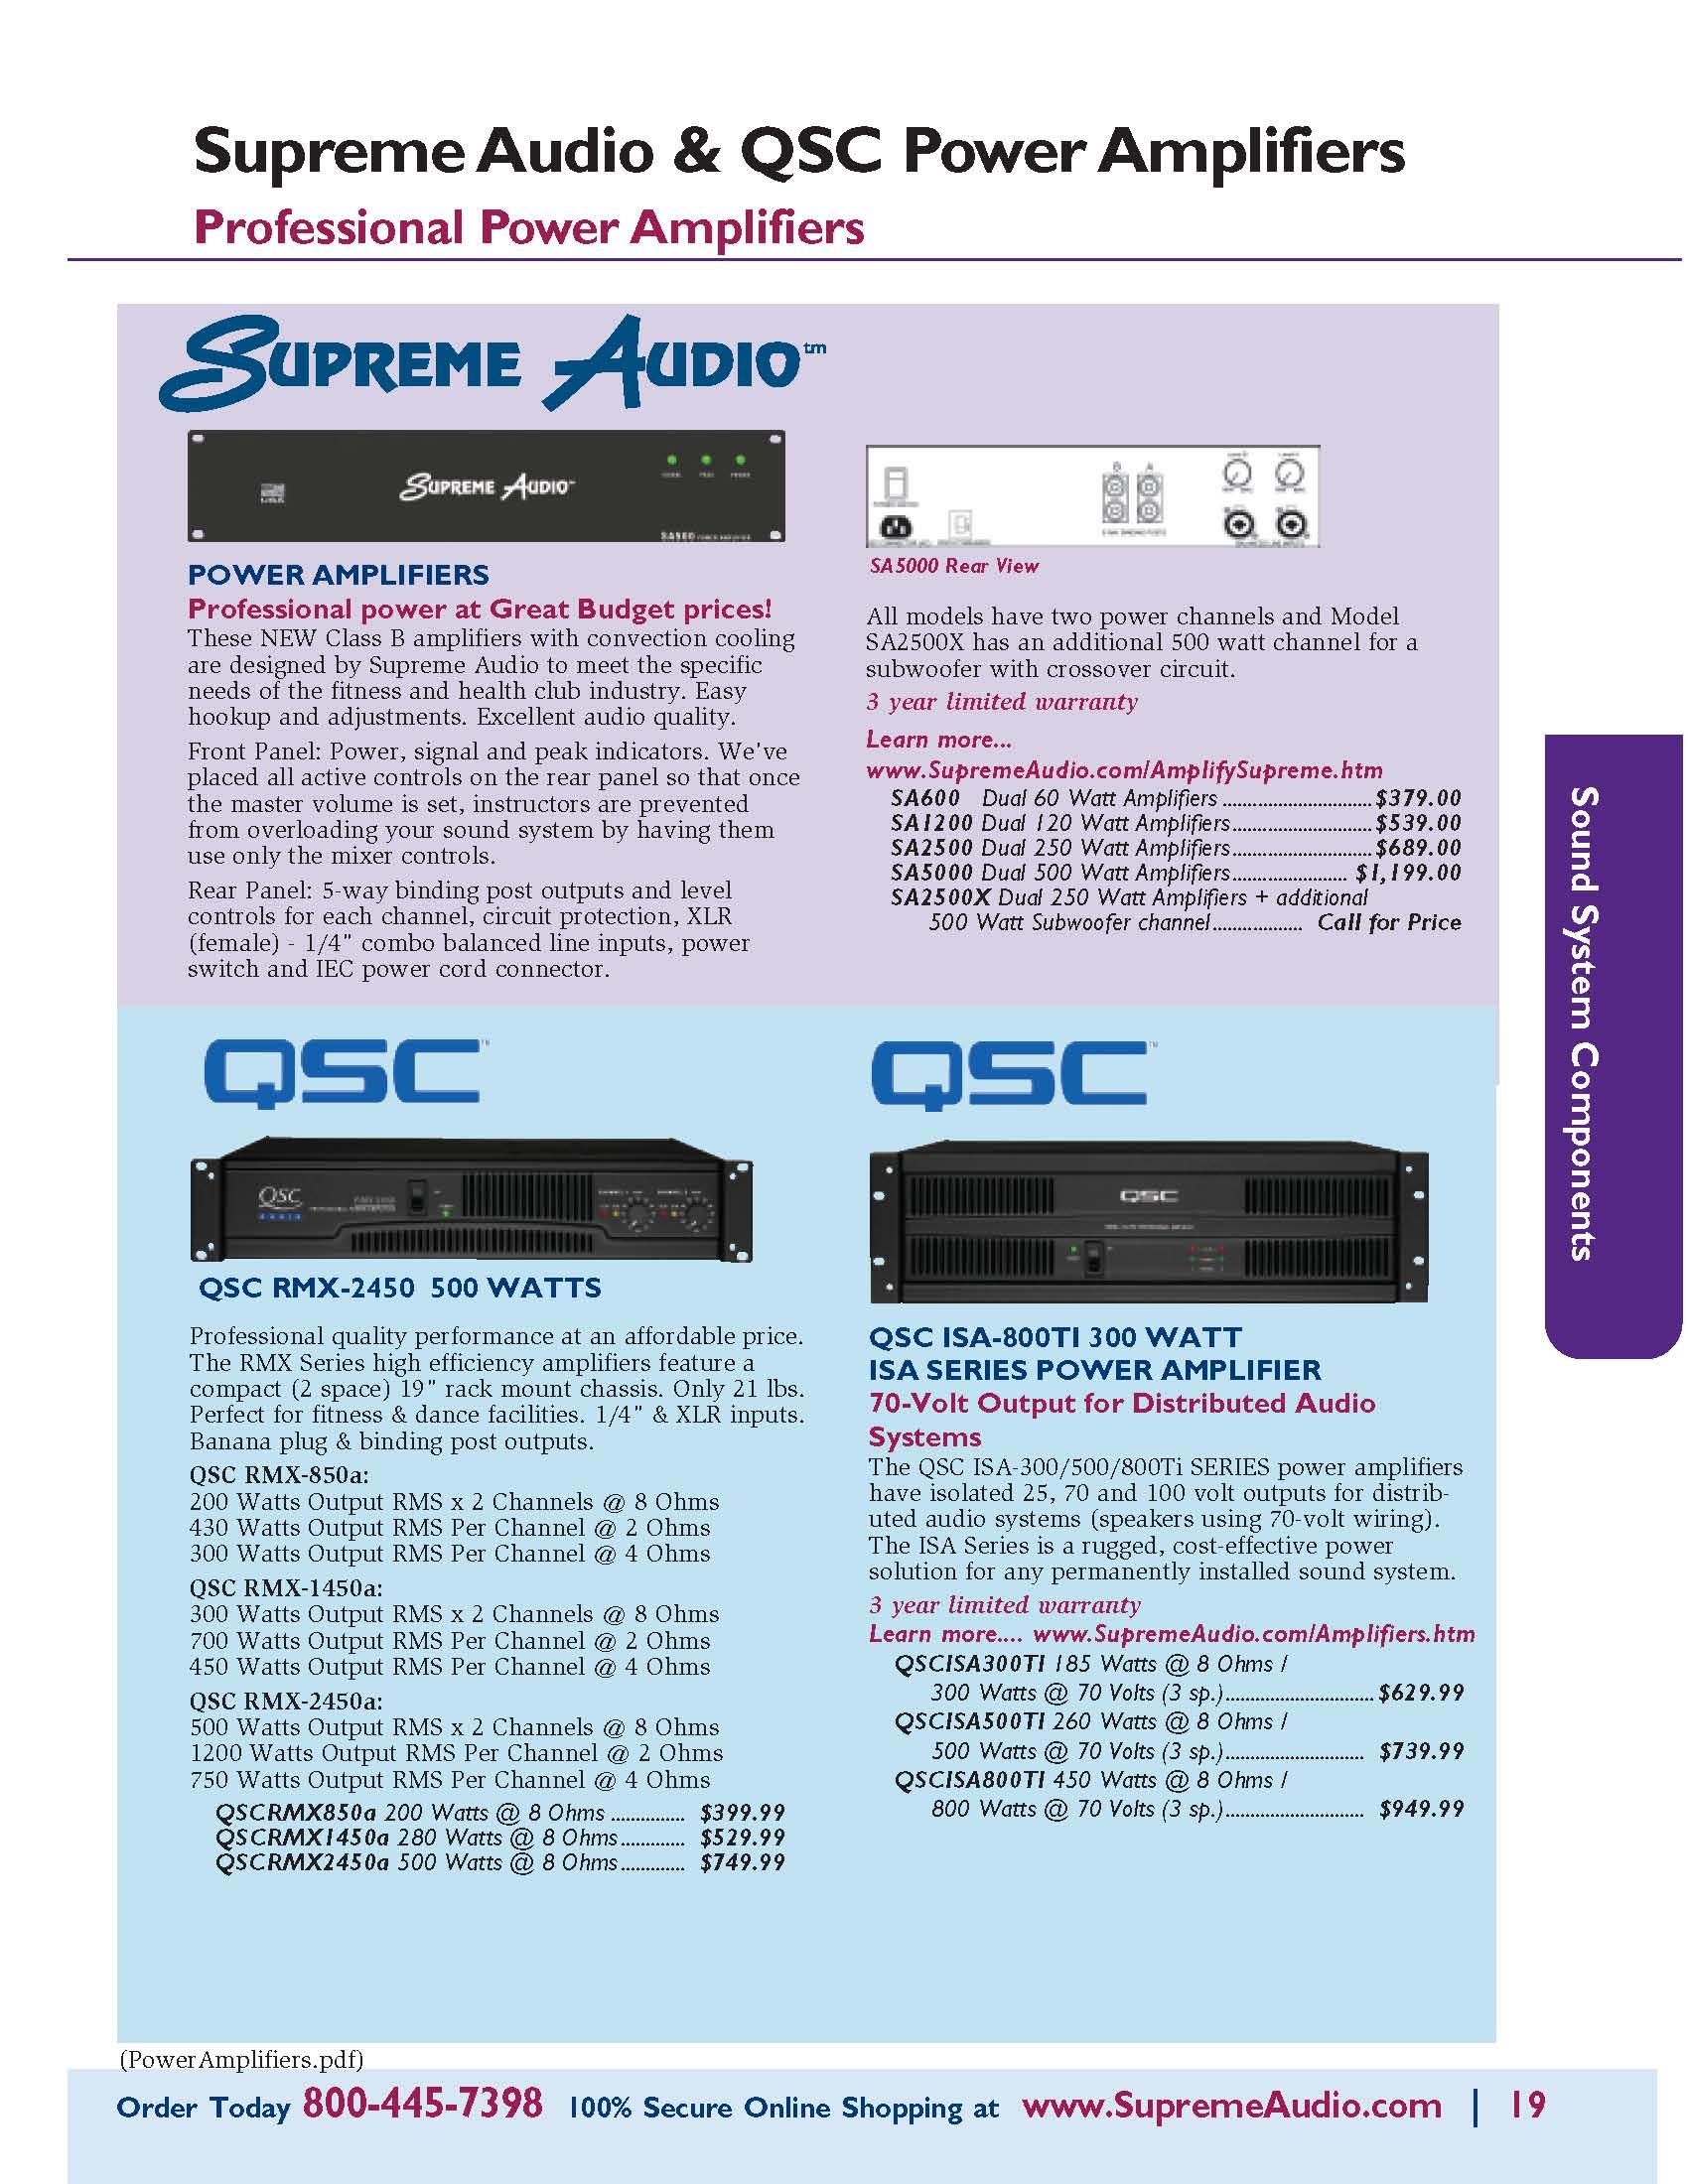 QSC & Supreme Audio Power Amplifiers